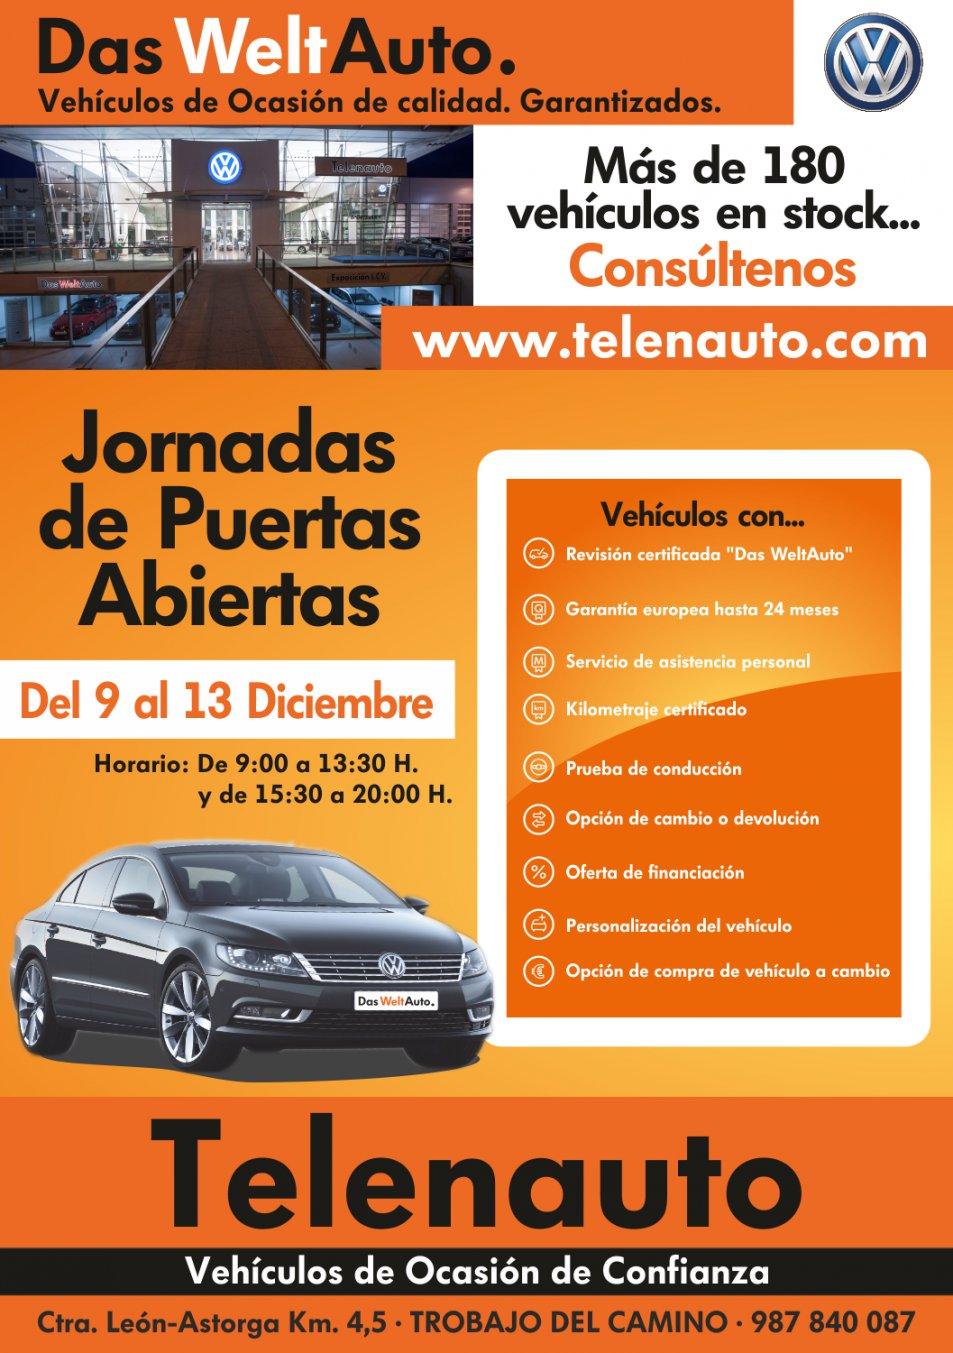 Compra tu coche en las mejores condiciones del mercado. Jornadas de Puertas Abiertas del 9 al 13 de diciembre